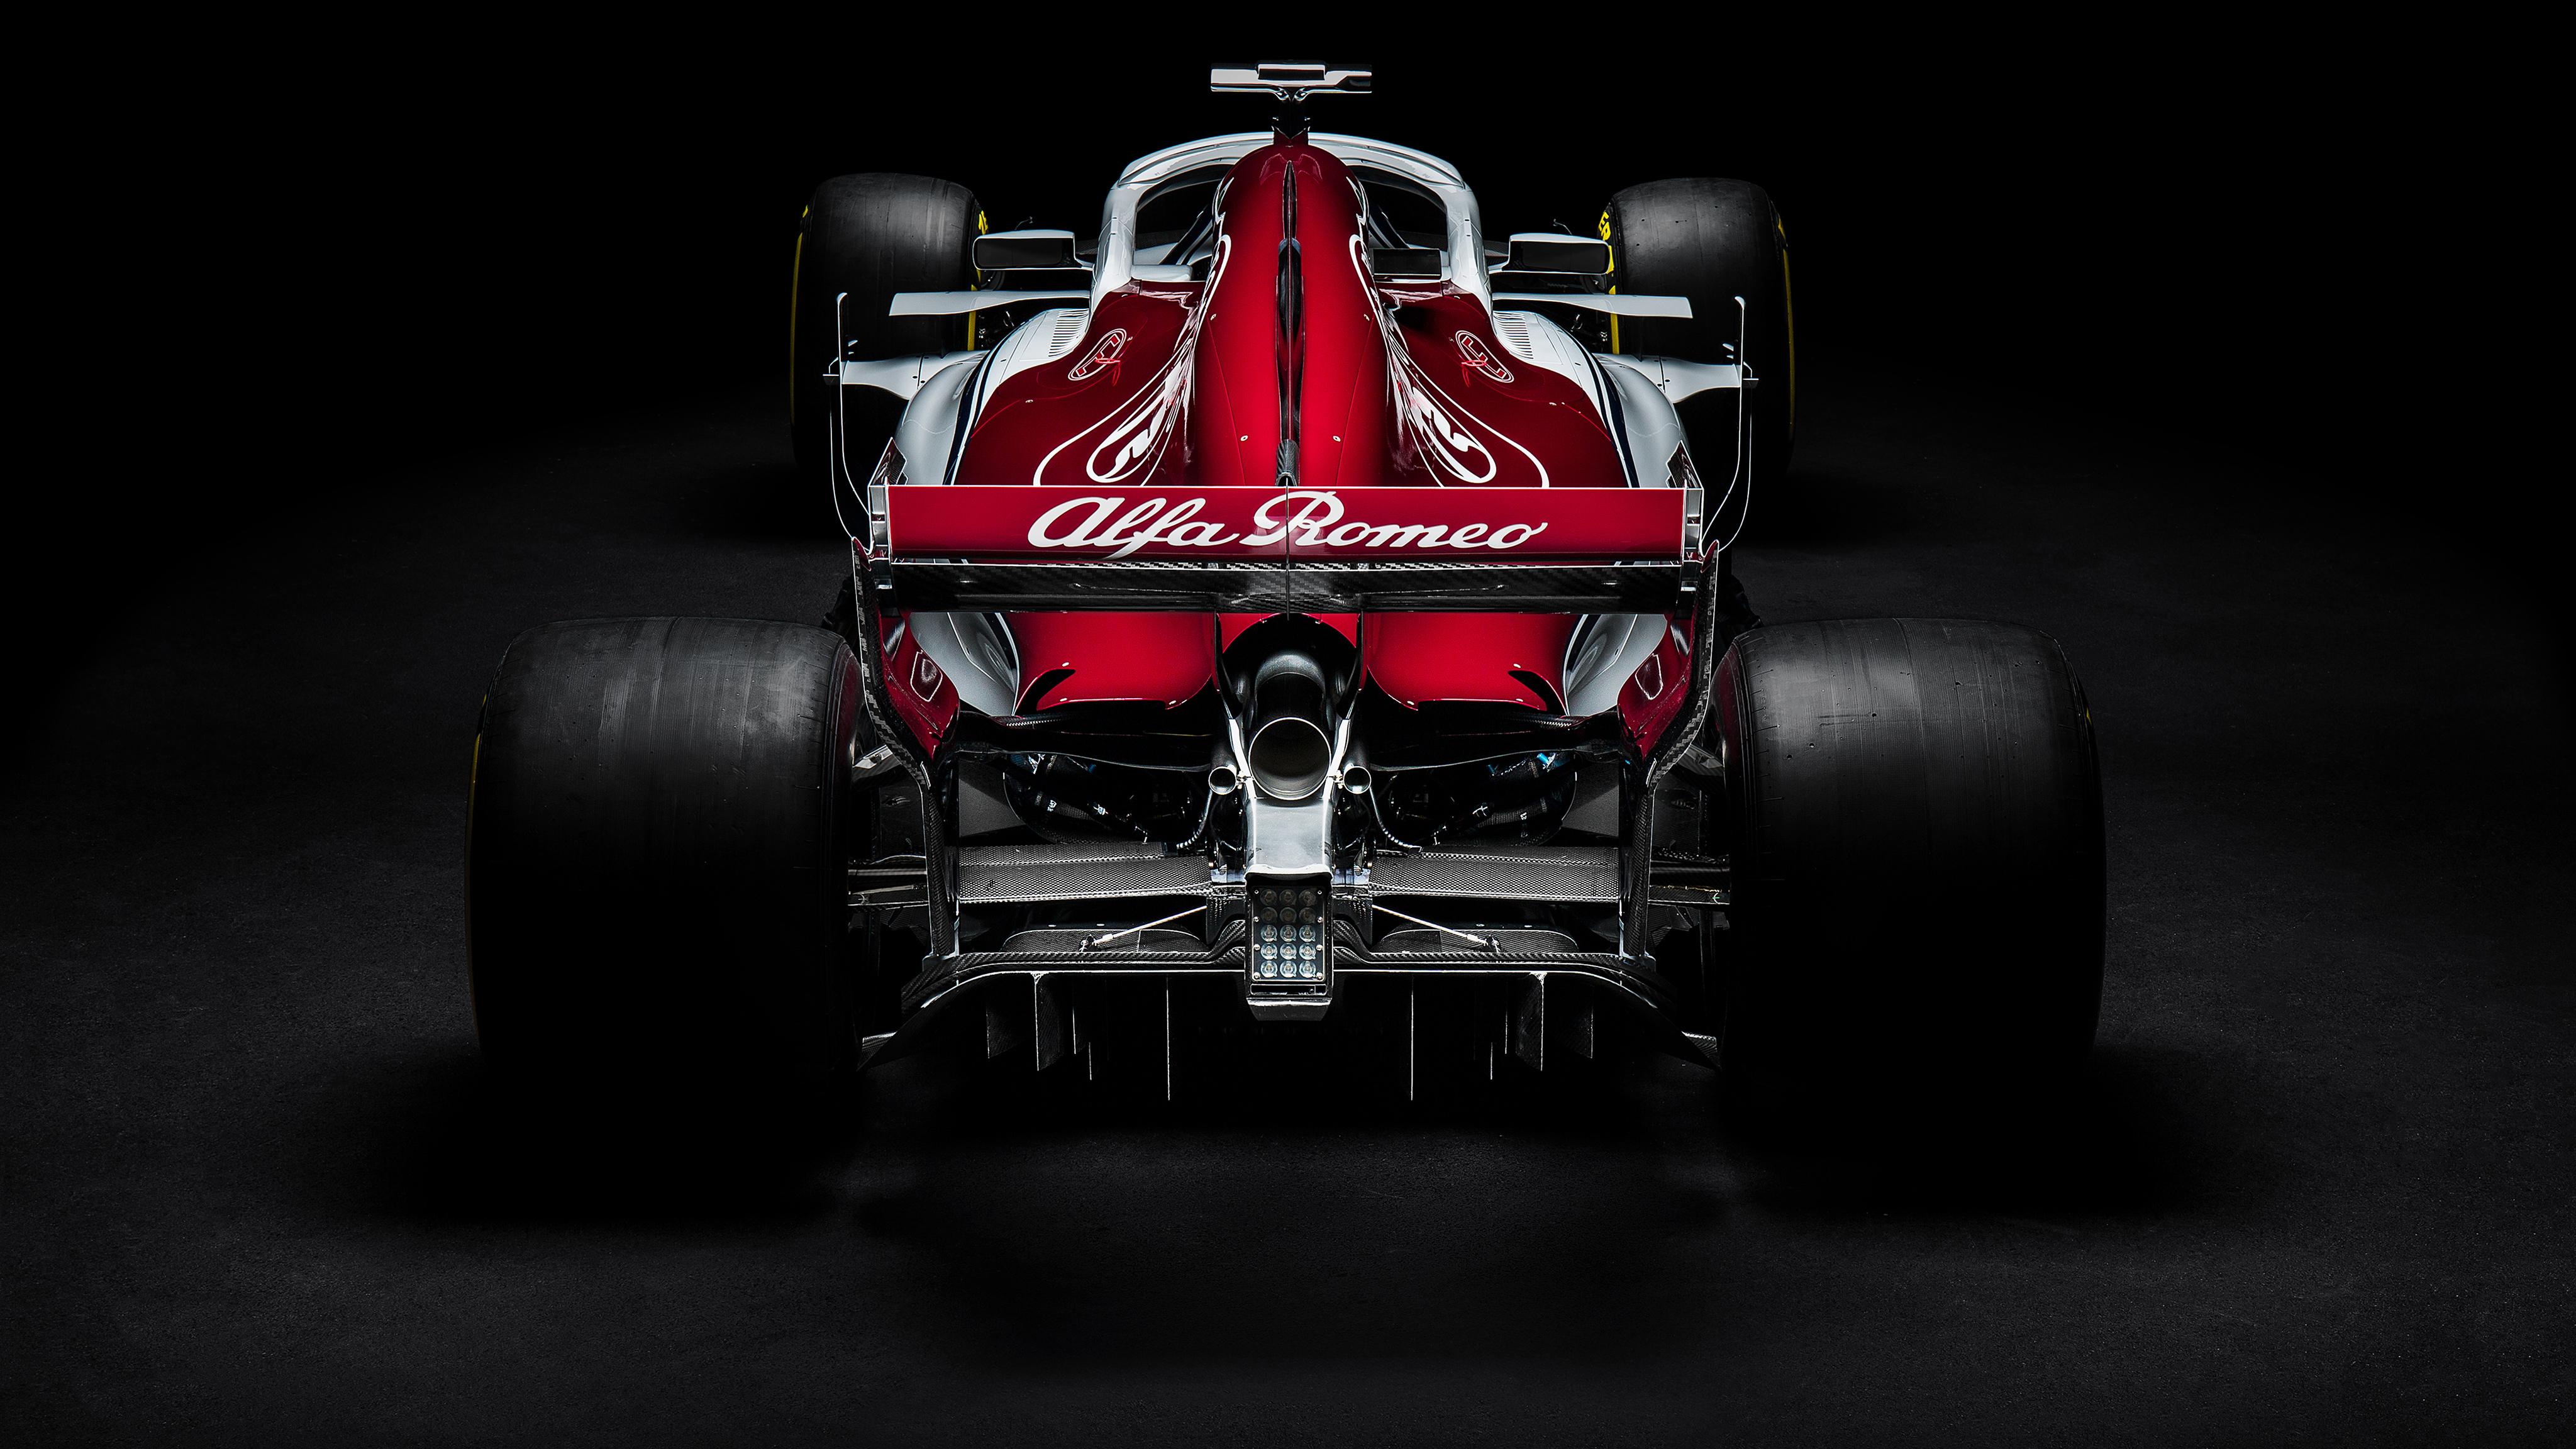 Jaguar Cars Images In Hd Wallpapers 2018 Sauber C37 F1 Formula 1 Car 4k Wallpaper Hd Car